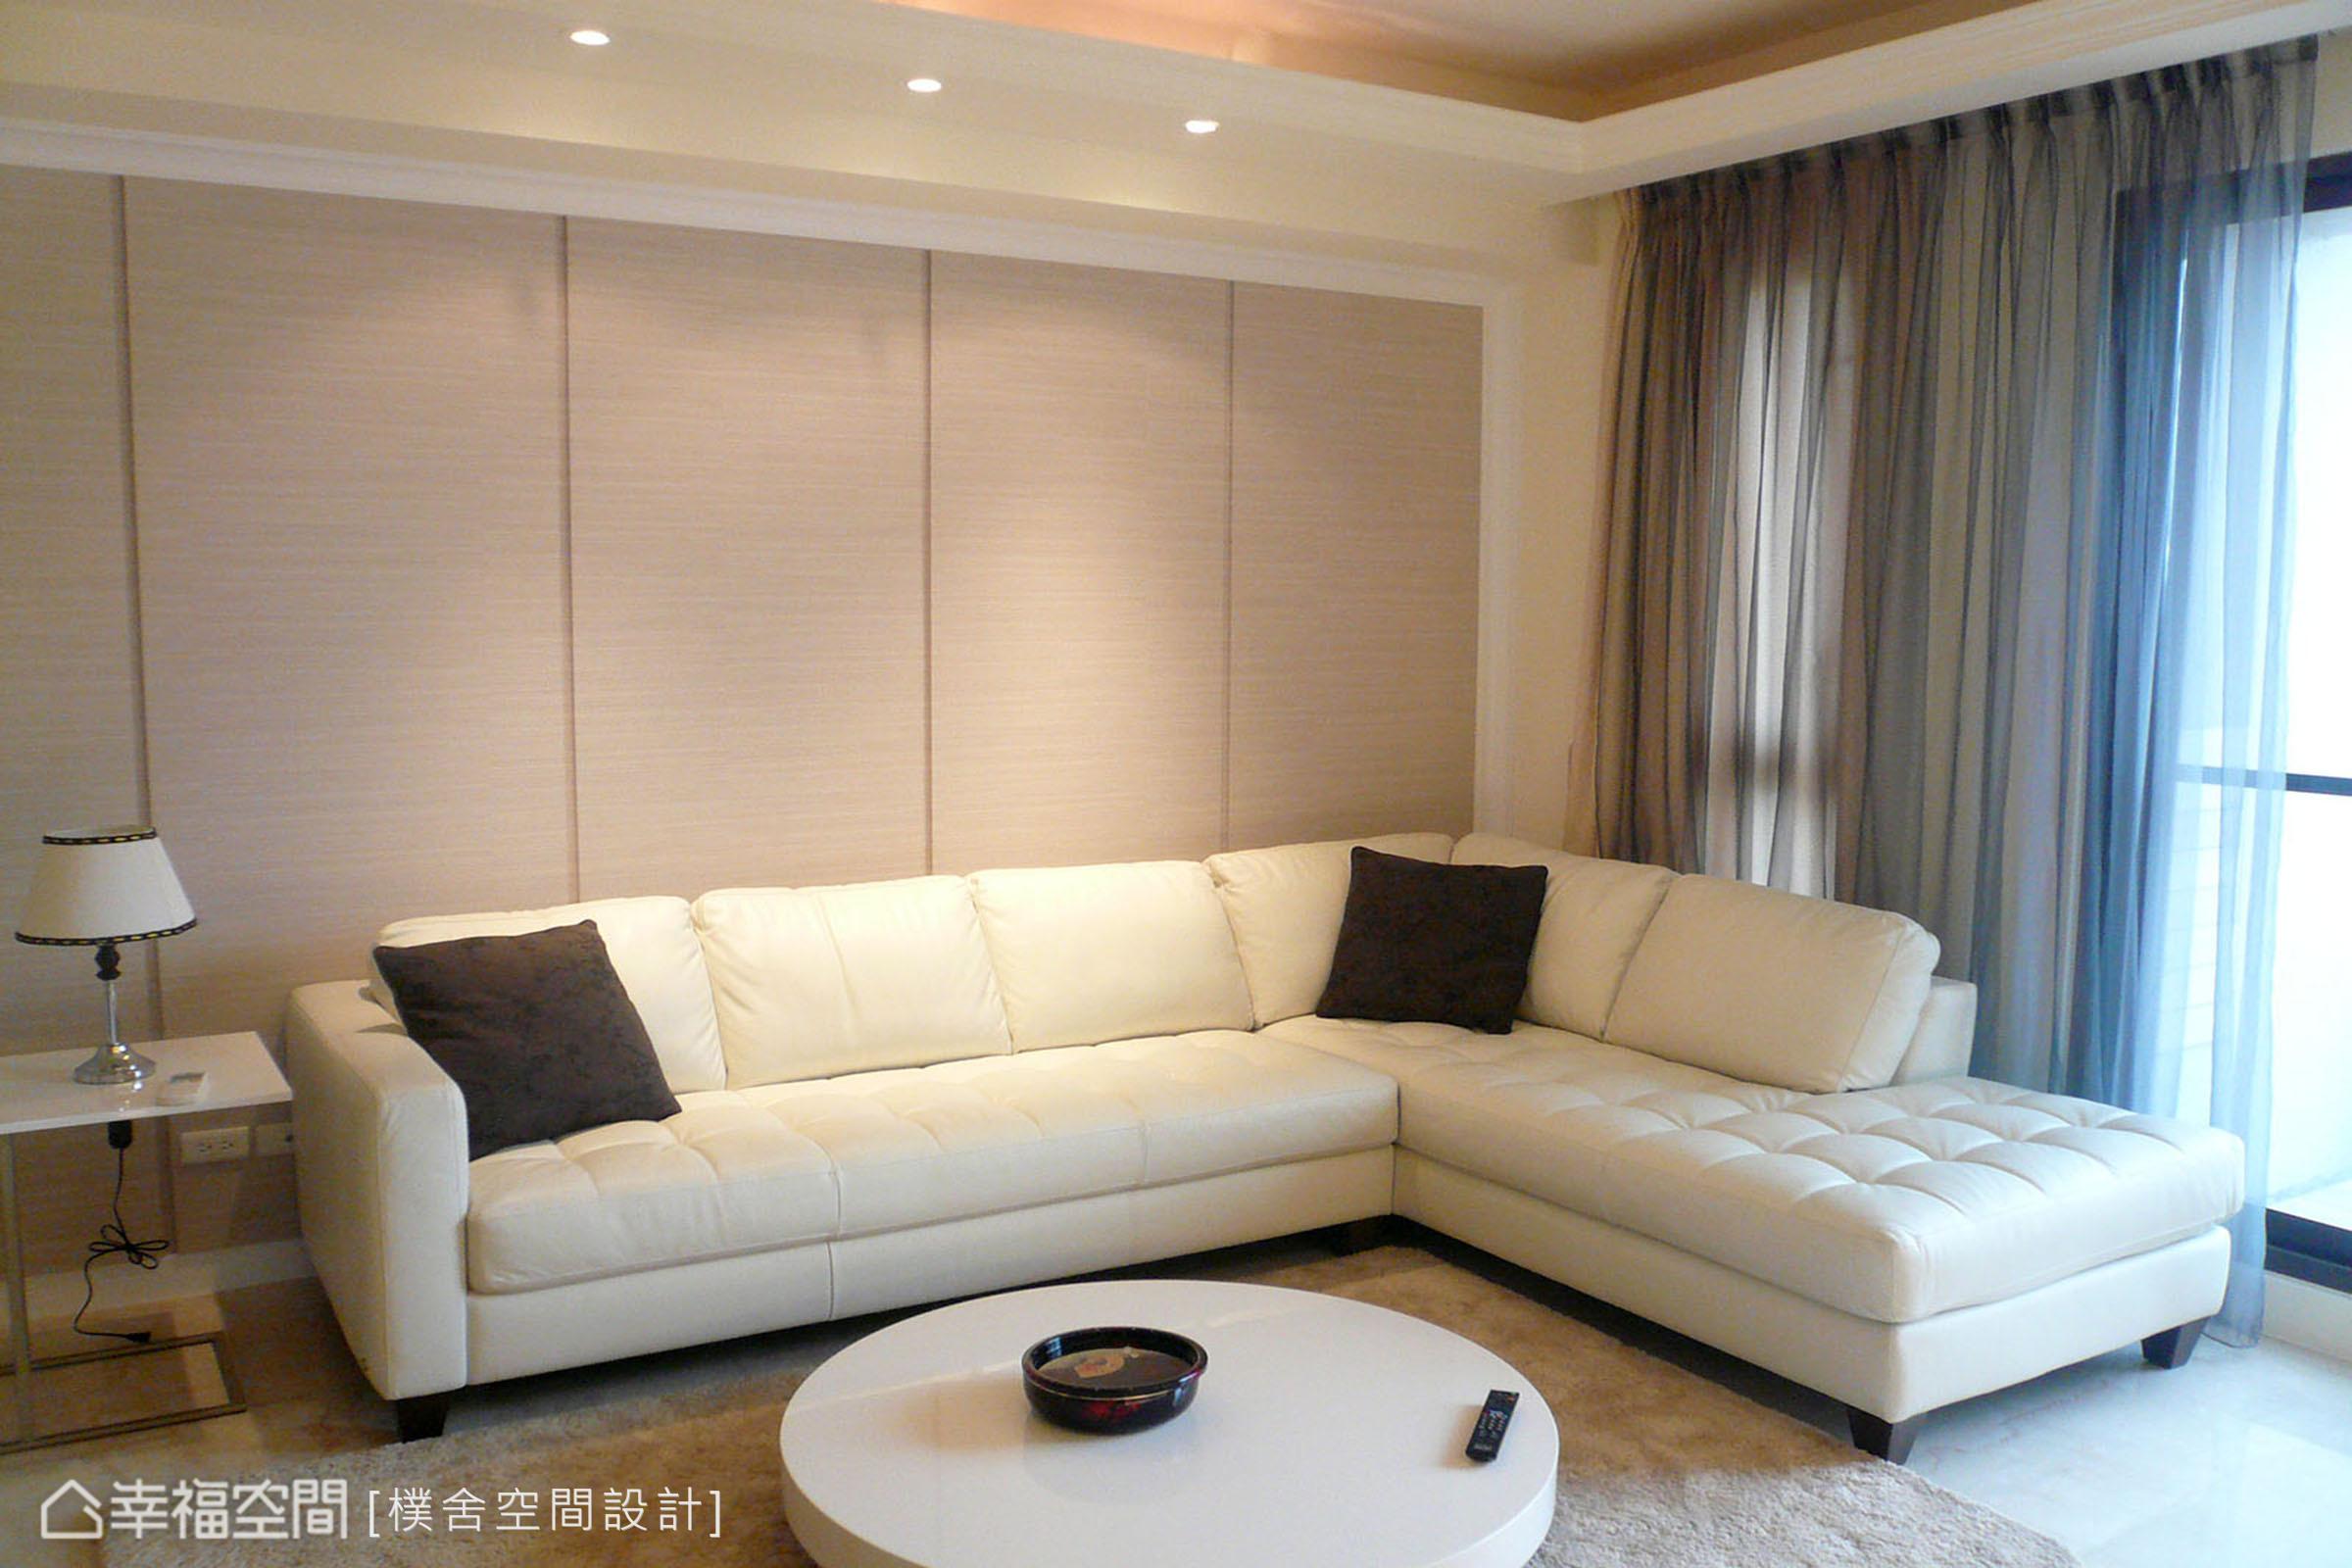 30坪的宜家风格沙发背景墙效果图功能区现代简约功能区设计图片赏析